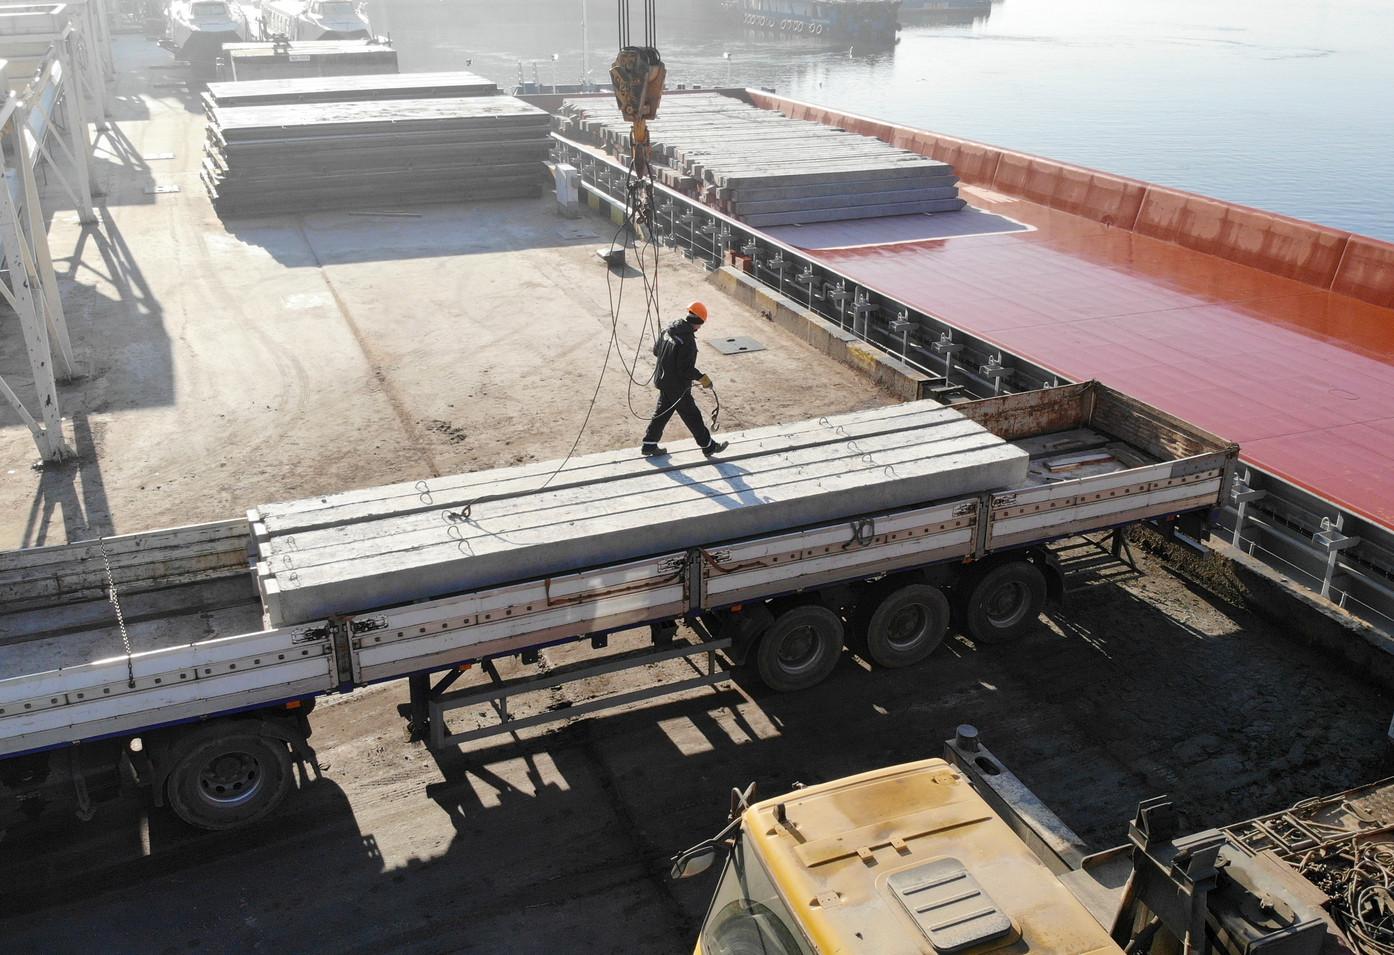 З 13 січня протягом трьох днів на причалі перевантажувального термінала в Миколаєві тривало завантаження нового судна будівельними палями